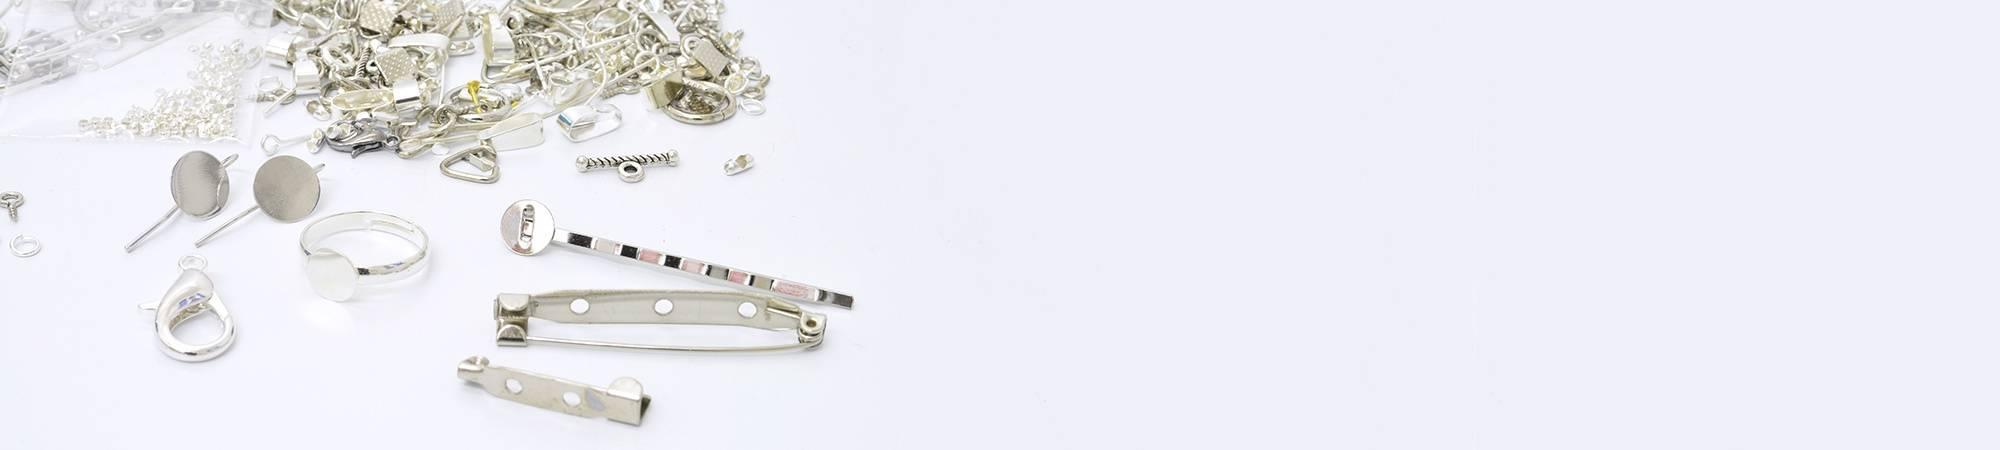 Accessoires pour téléphones